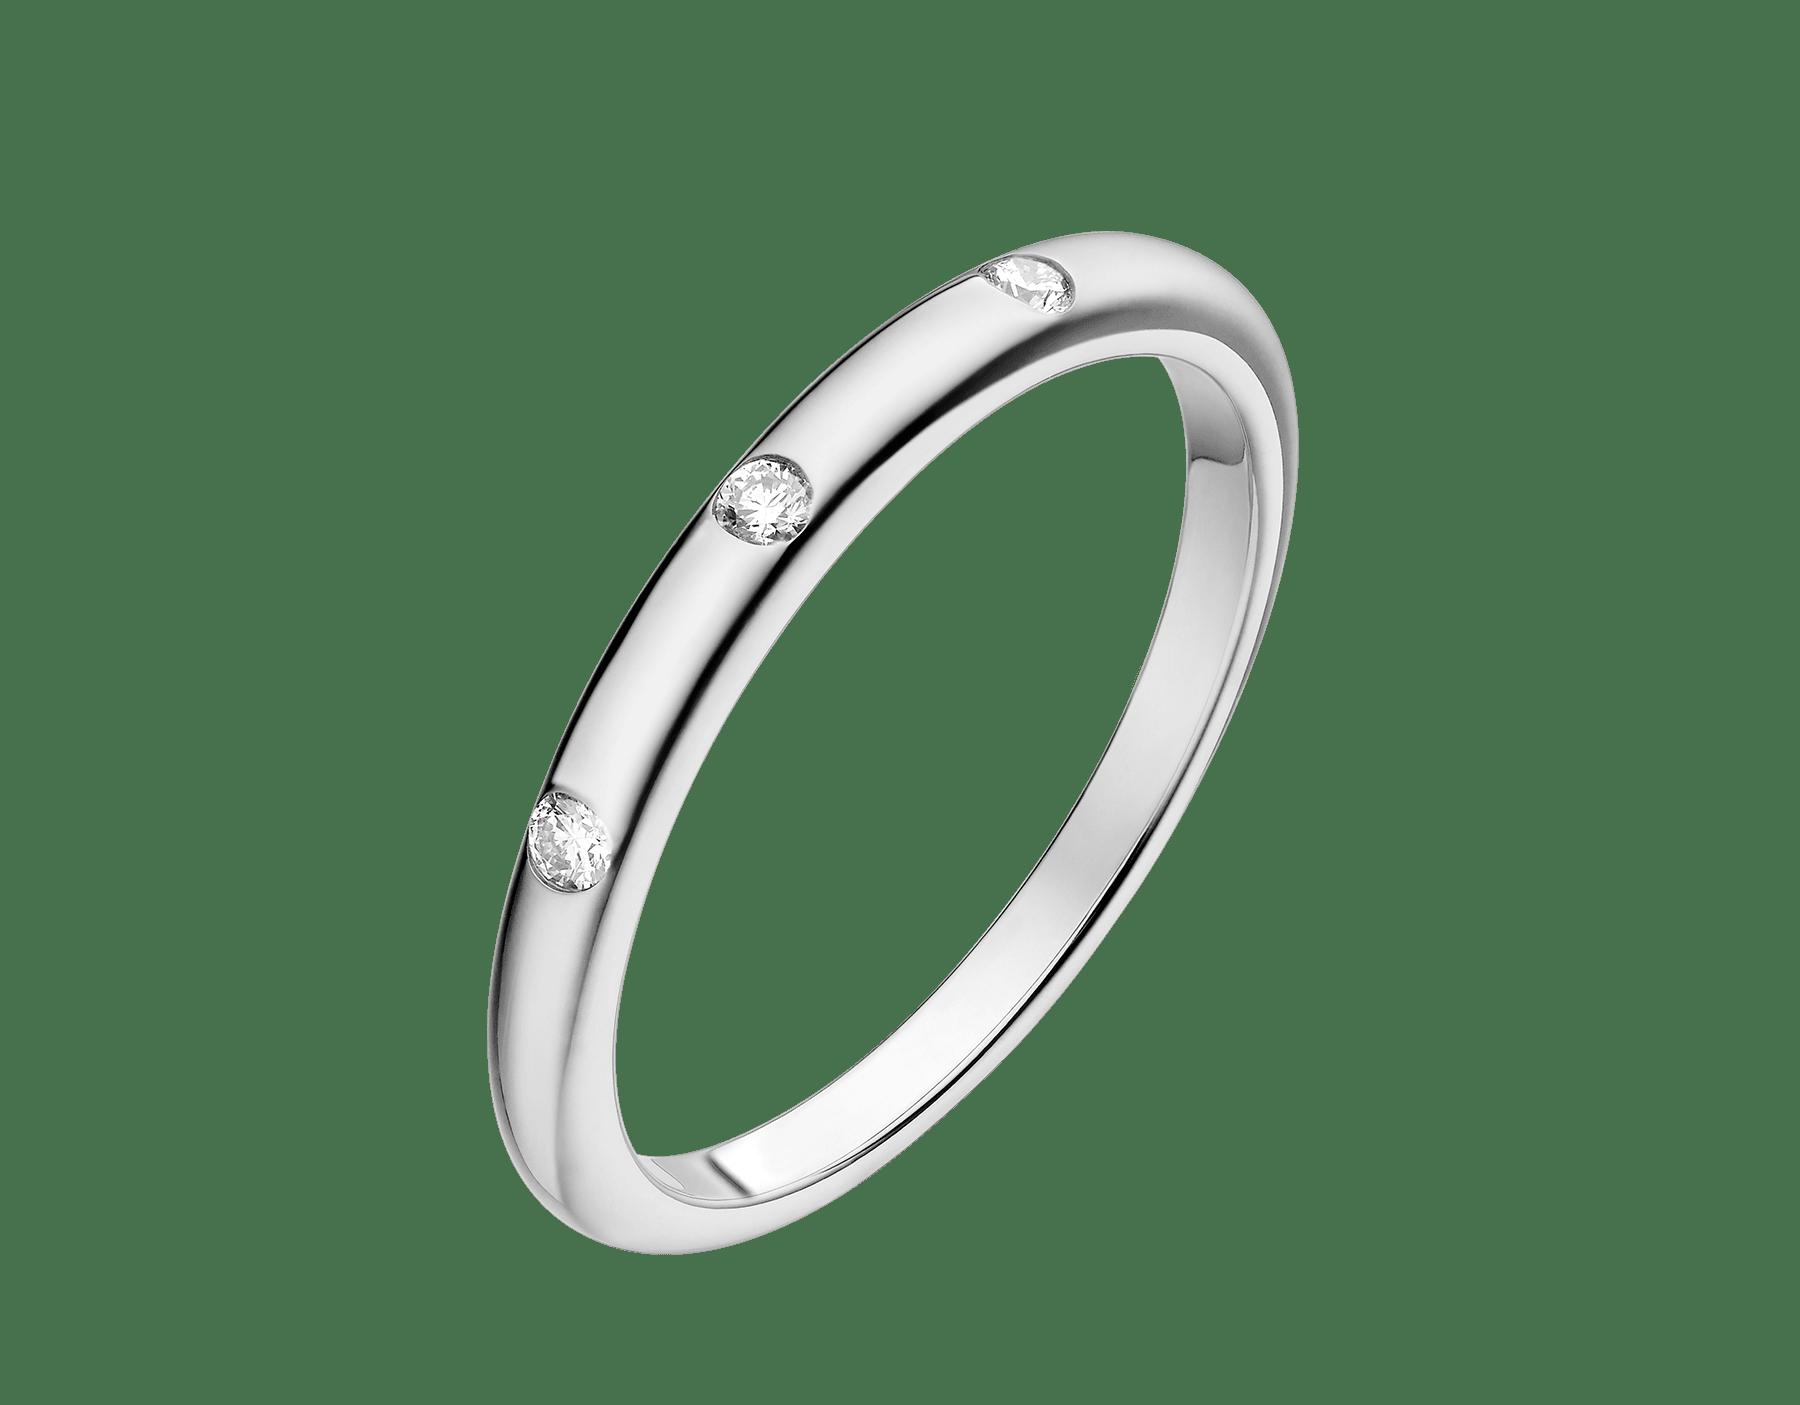 페디 웨딩밴드. 플래티넘 소재에 3개의 다이아몬드 세팅 AN857433 image 1